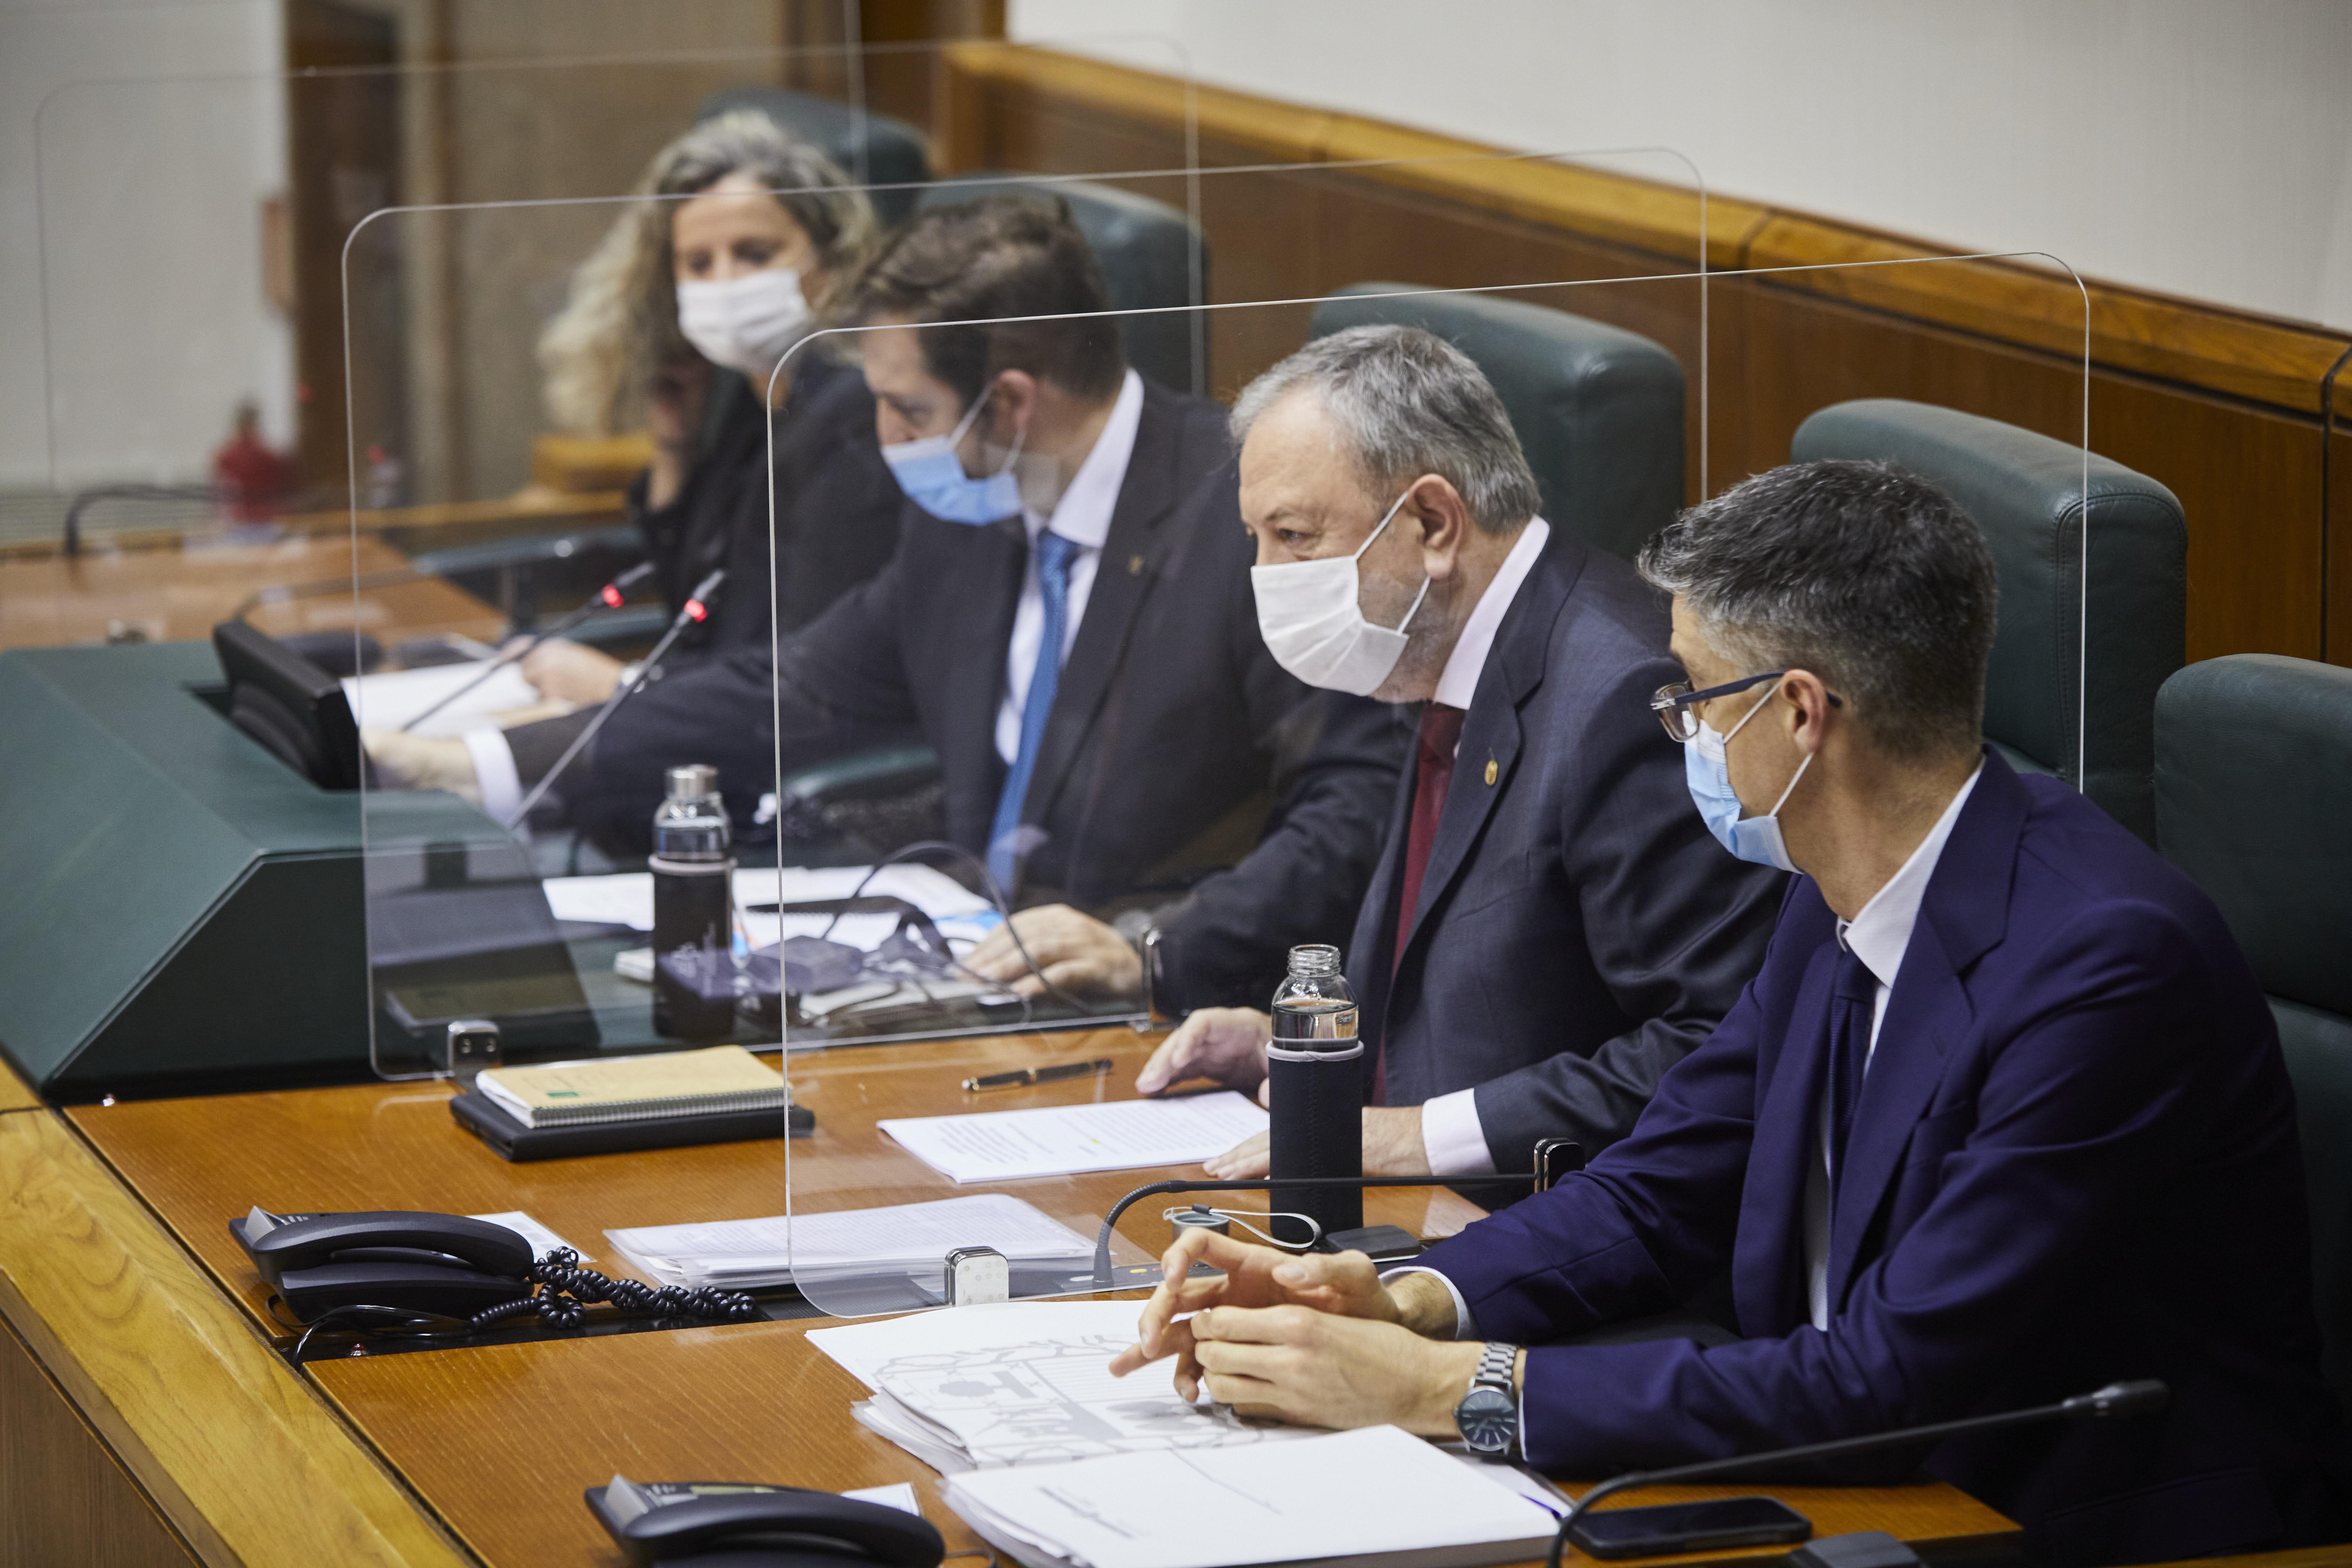 El Departamento de Economía y Hacienda pondrá en marcha en 2021 un nuevo programa de apoyo financiero de 500M/€ [160:12]